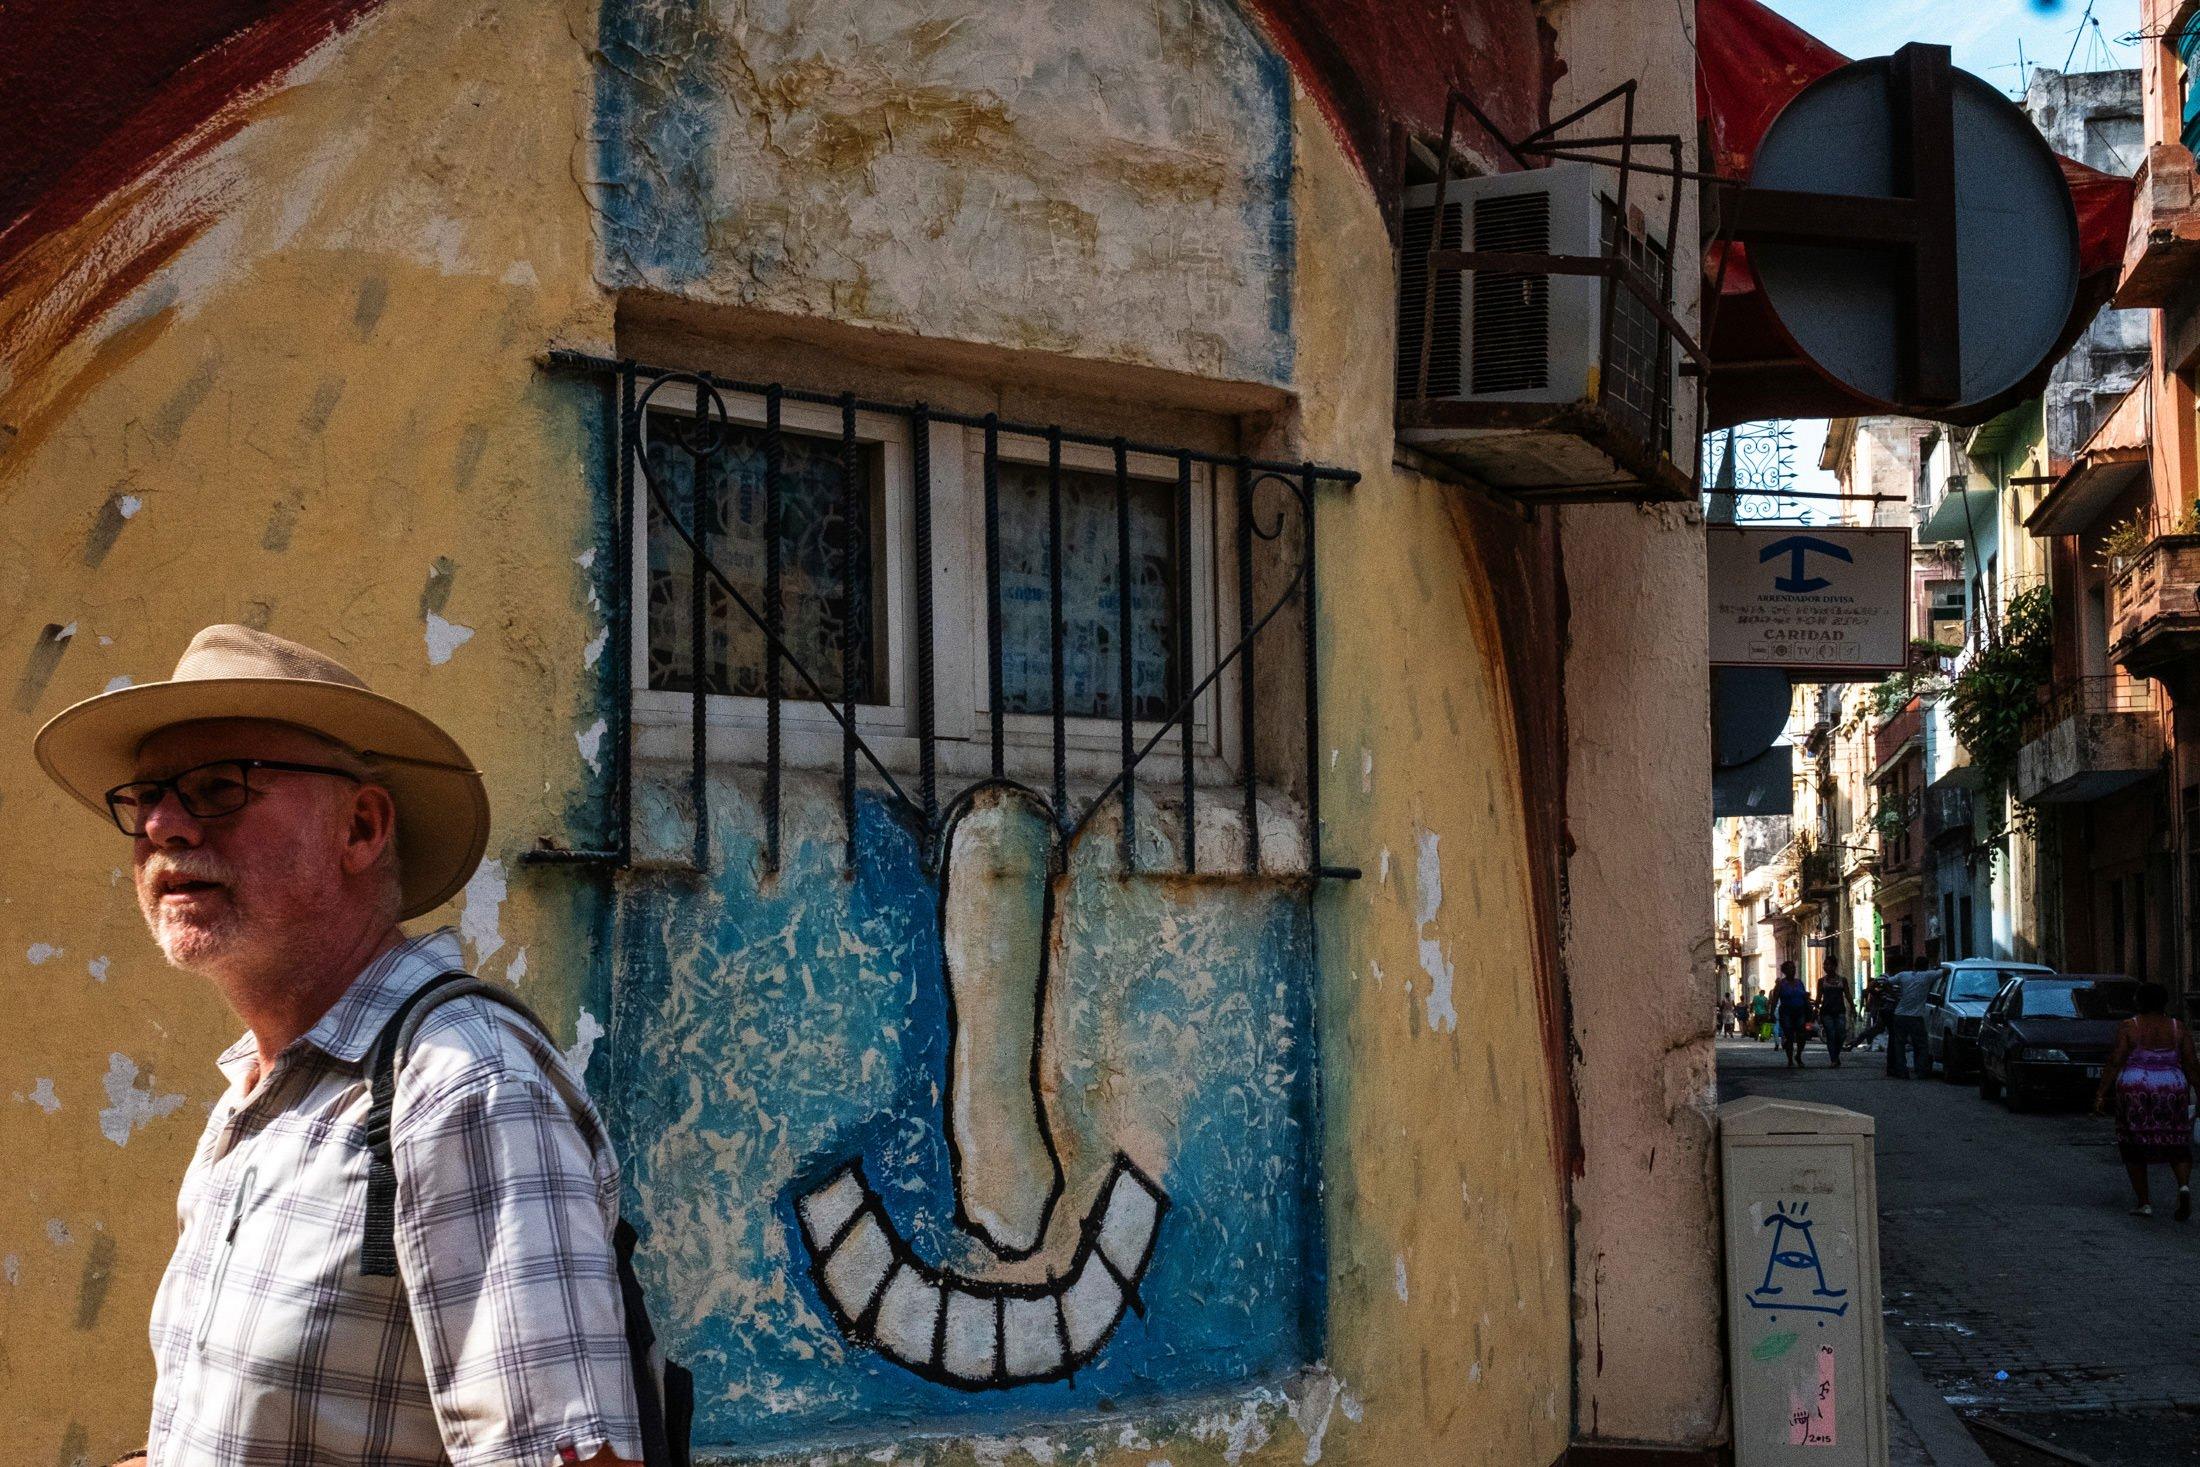 elderly man walking past with similar motif